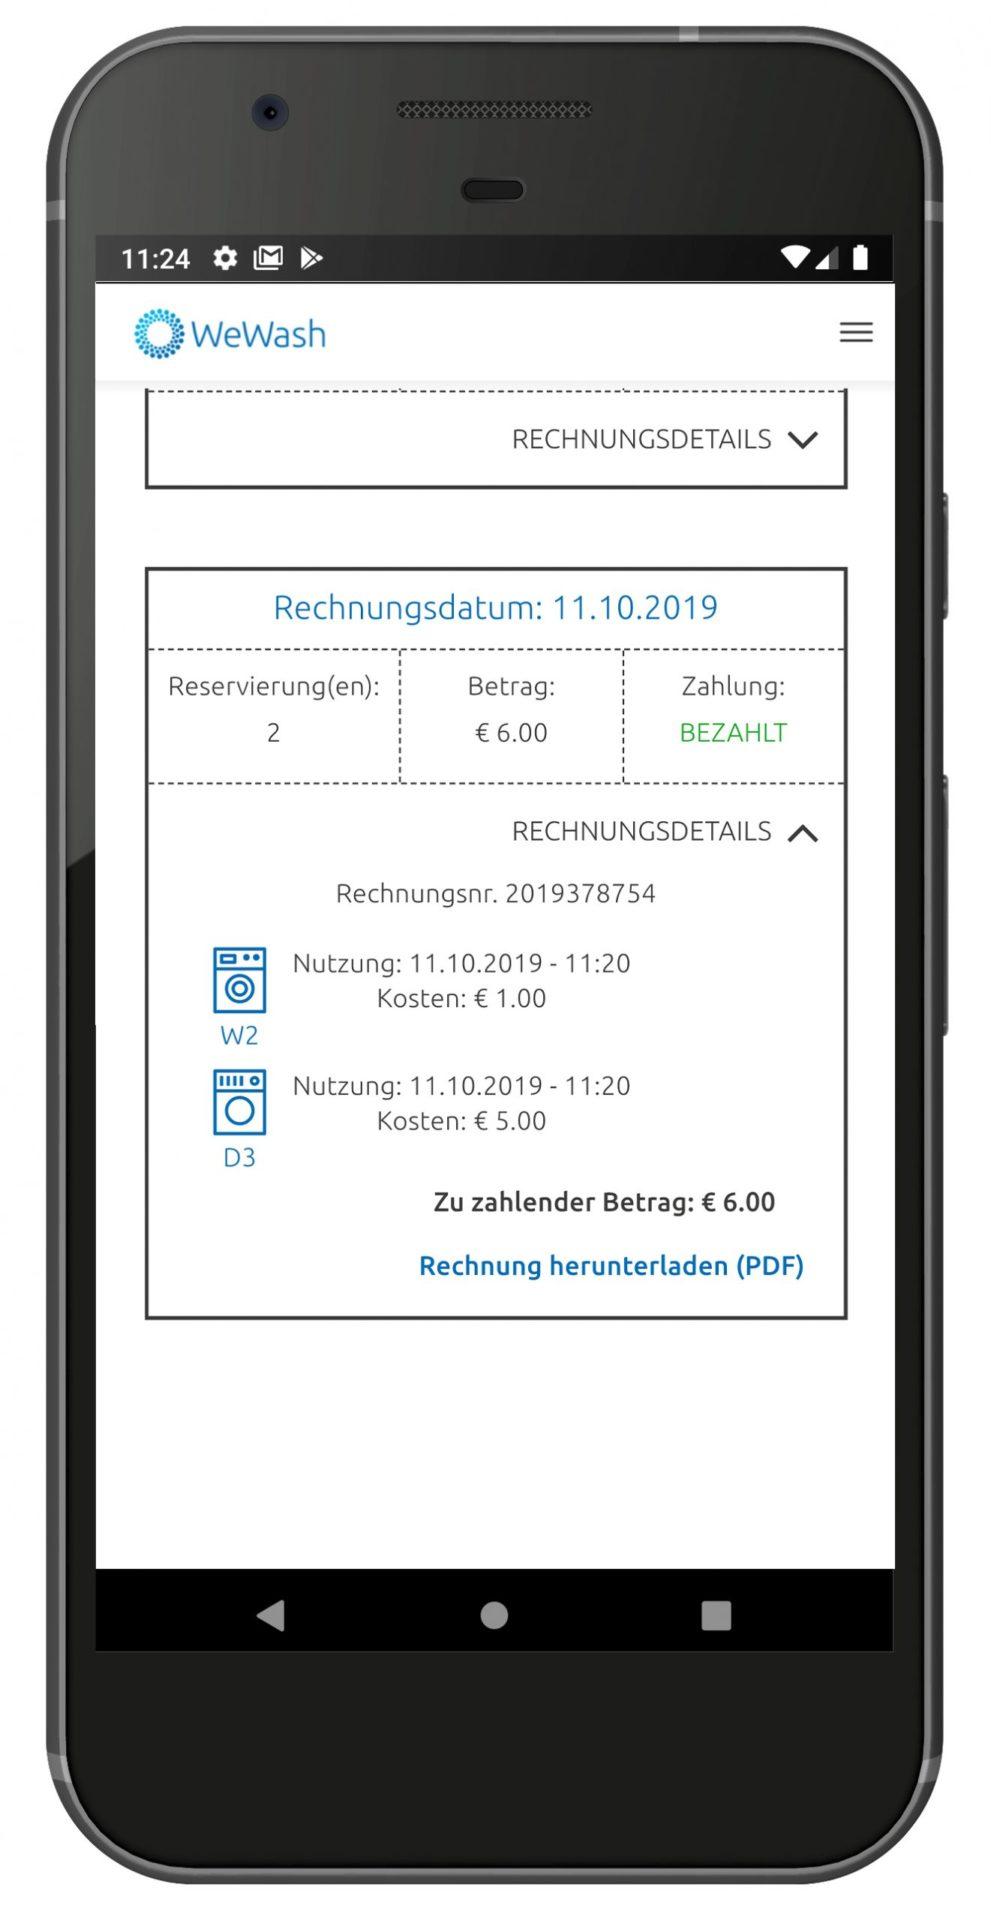 Smartphone Rechnungsübersicht